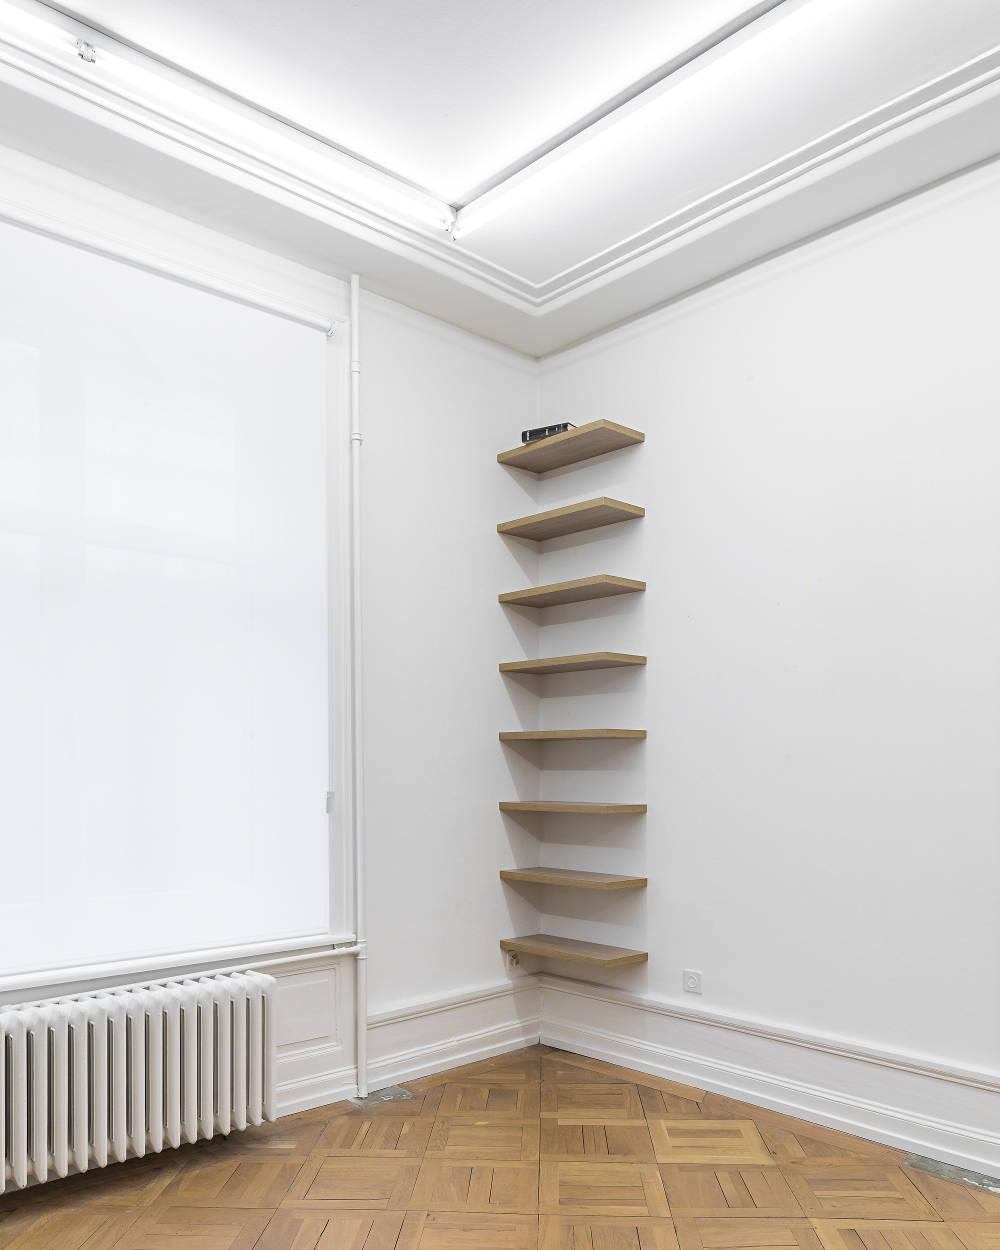 Mai 36 Galerie Jorge Mendez Blake 2